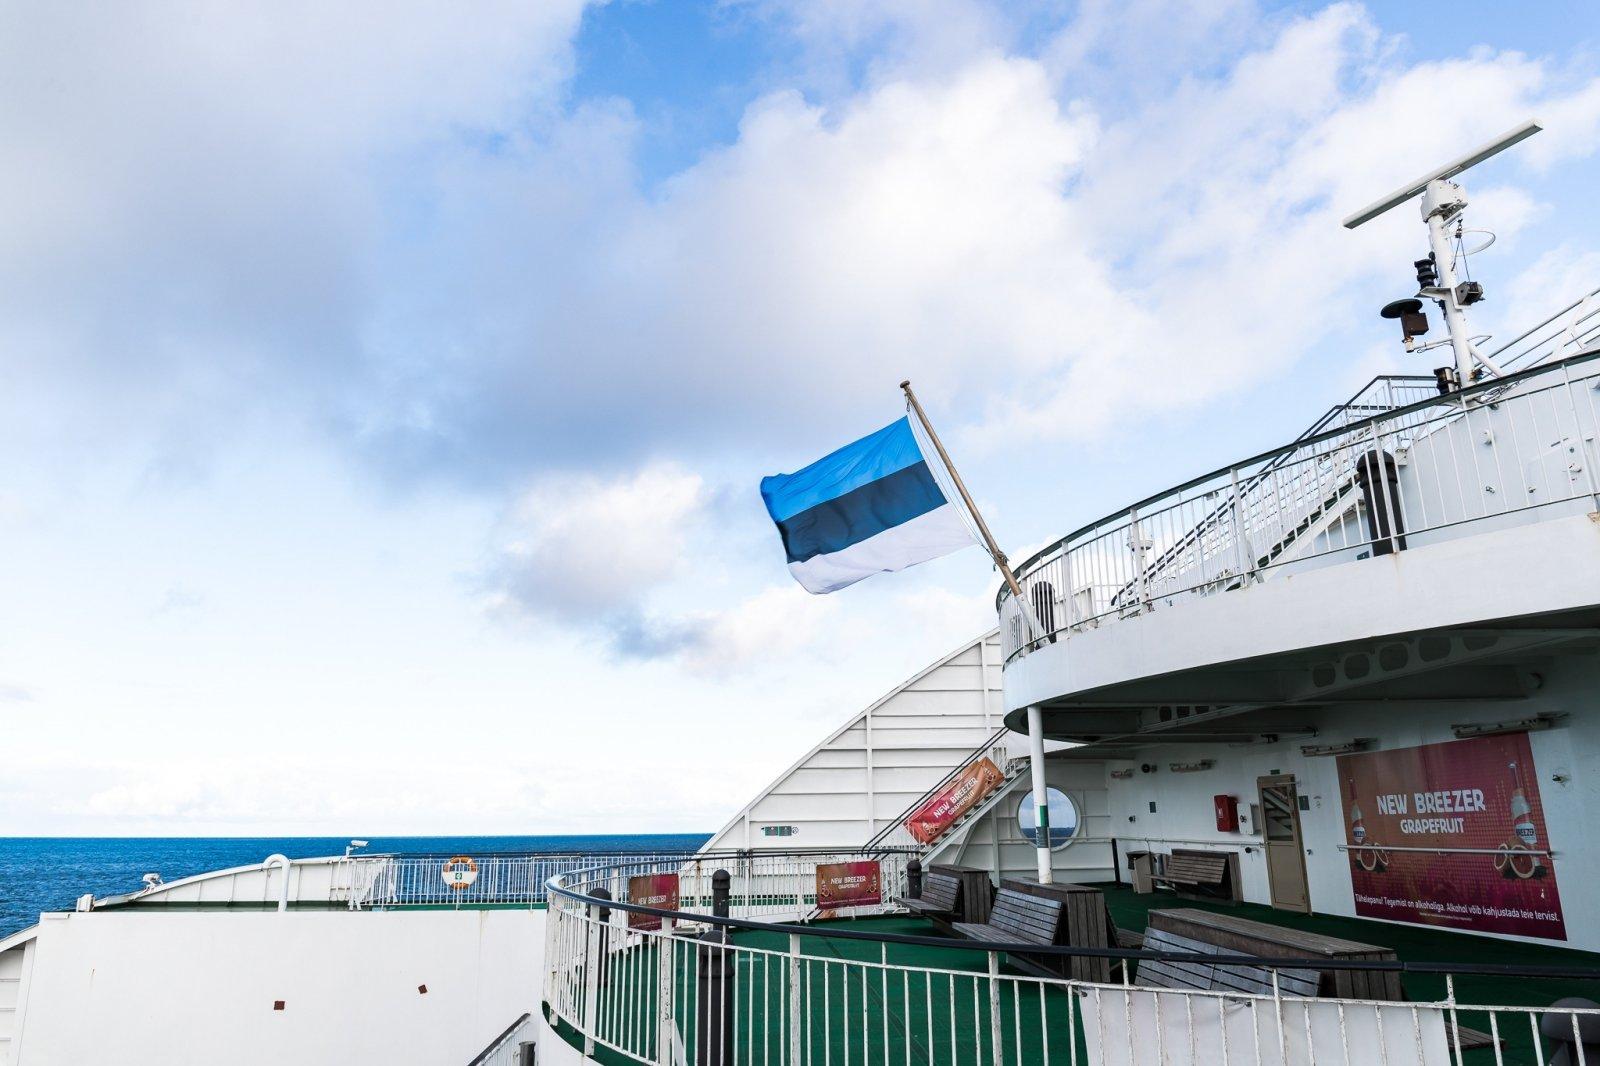 Tallink Grupp lisab alates sellest laupäevast, 28. novembrist täiendavaid väljumisi shuttle laevale Star Tallinna-Helsingi liinil ning langetab ka kaubaveo hinn